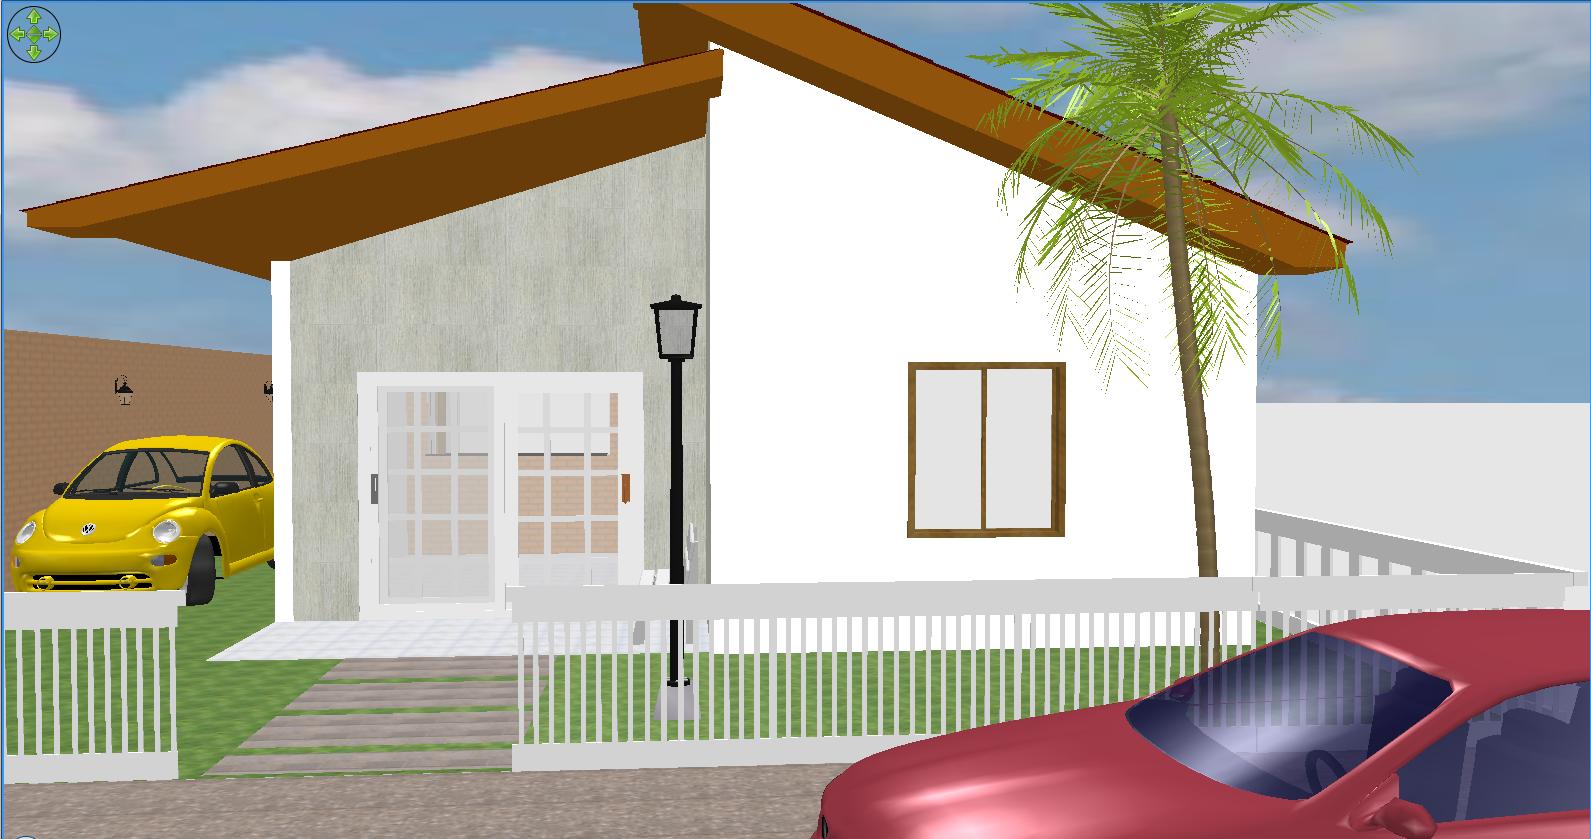 Macoi Projetos de Casas: Projeto de casa com 2 dormitórios sala  #803F20 1591 839